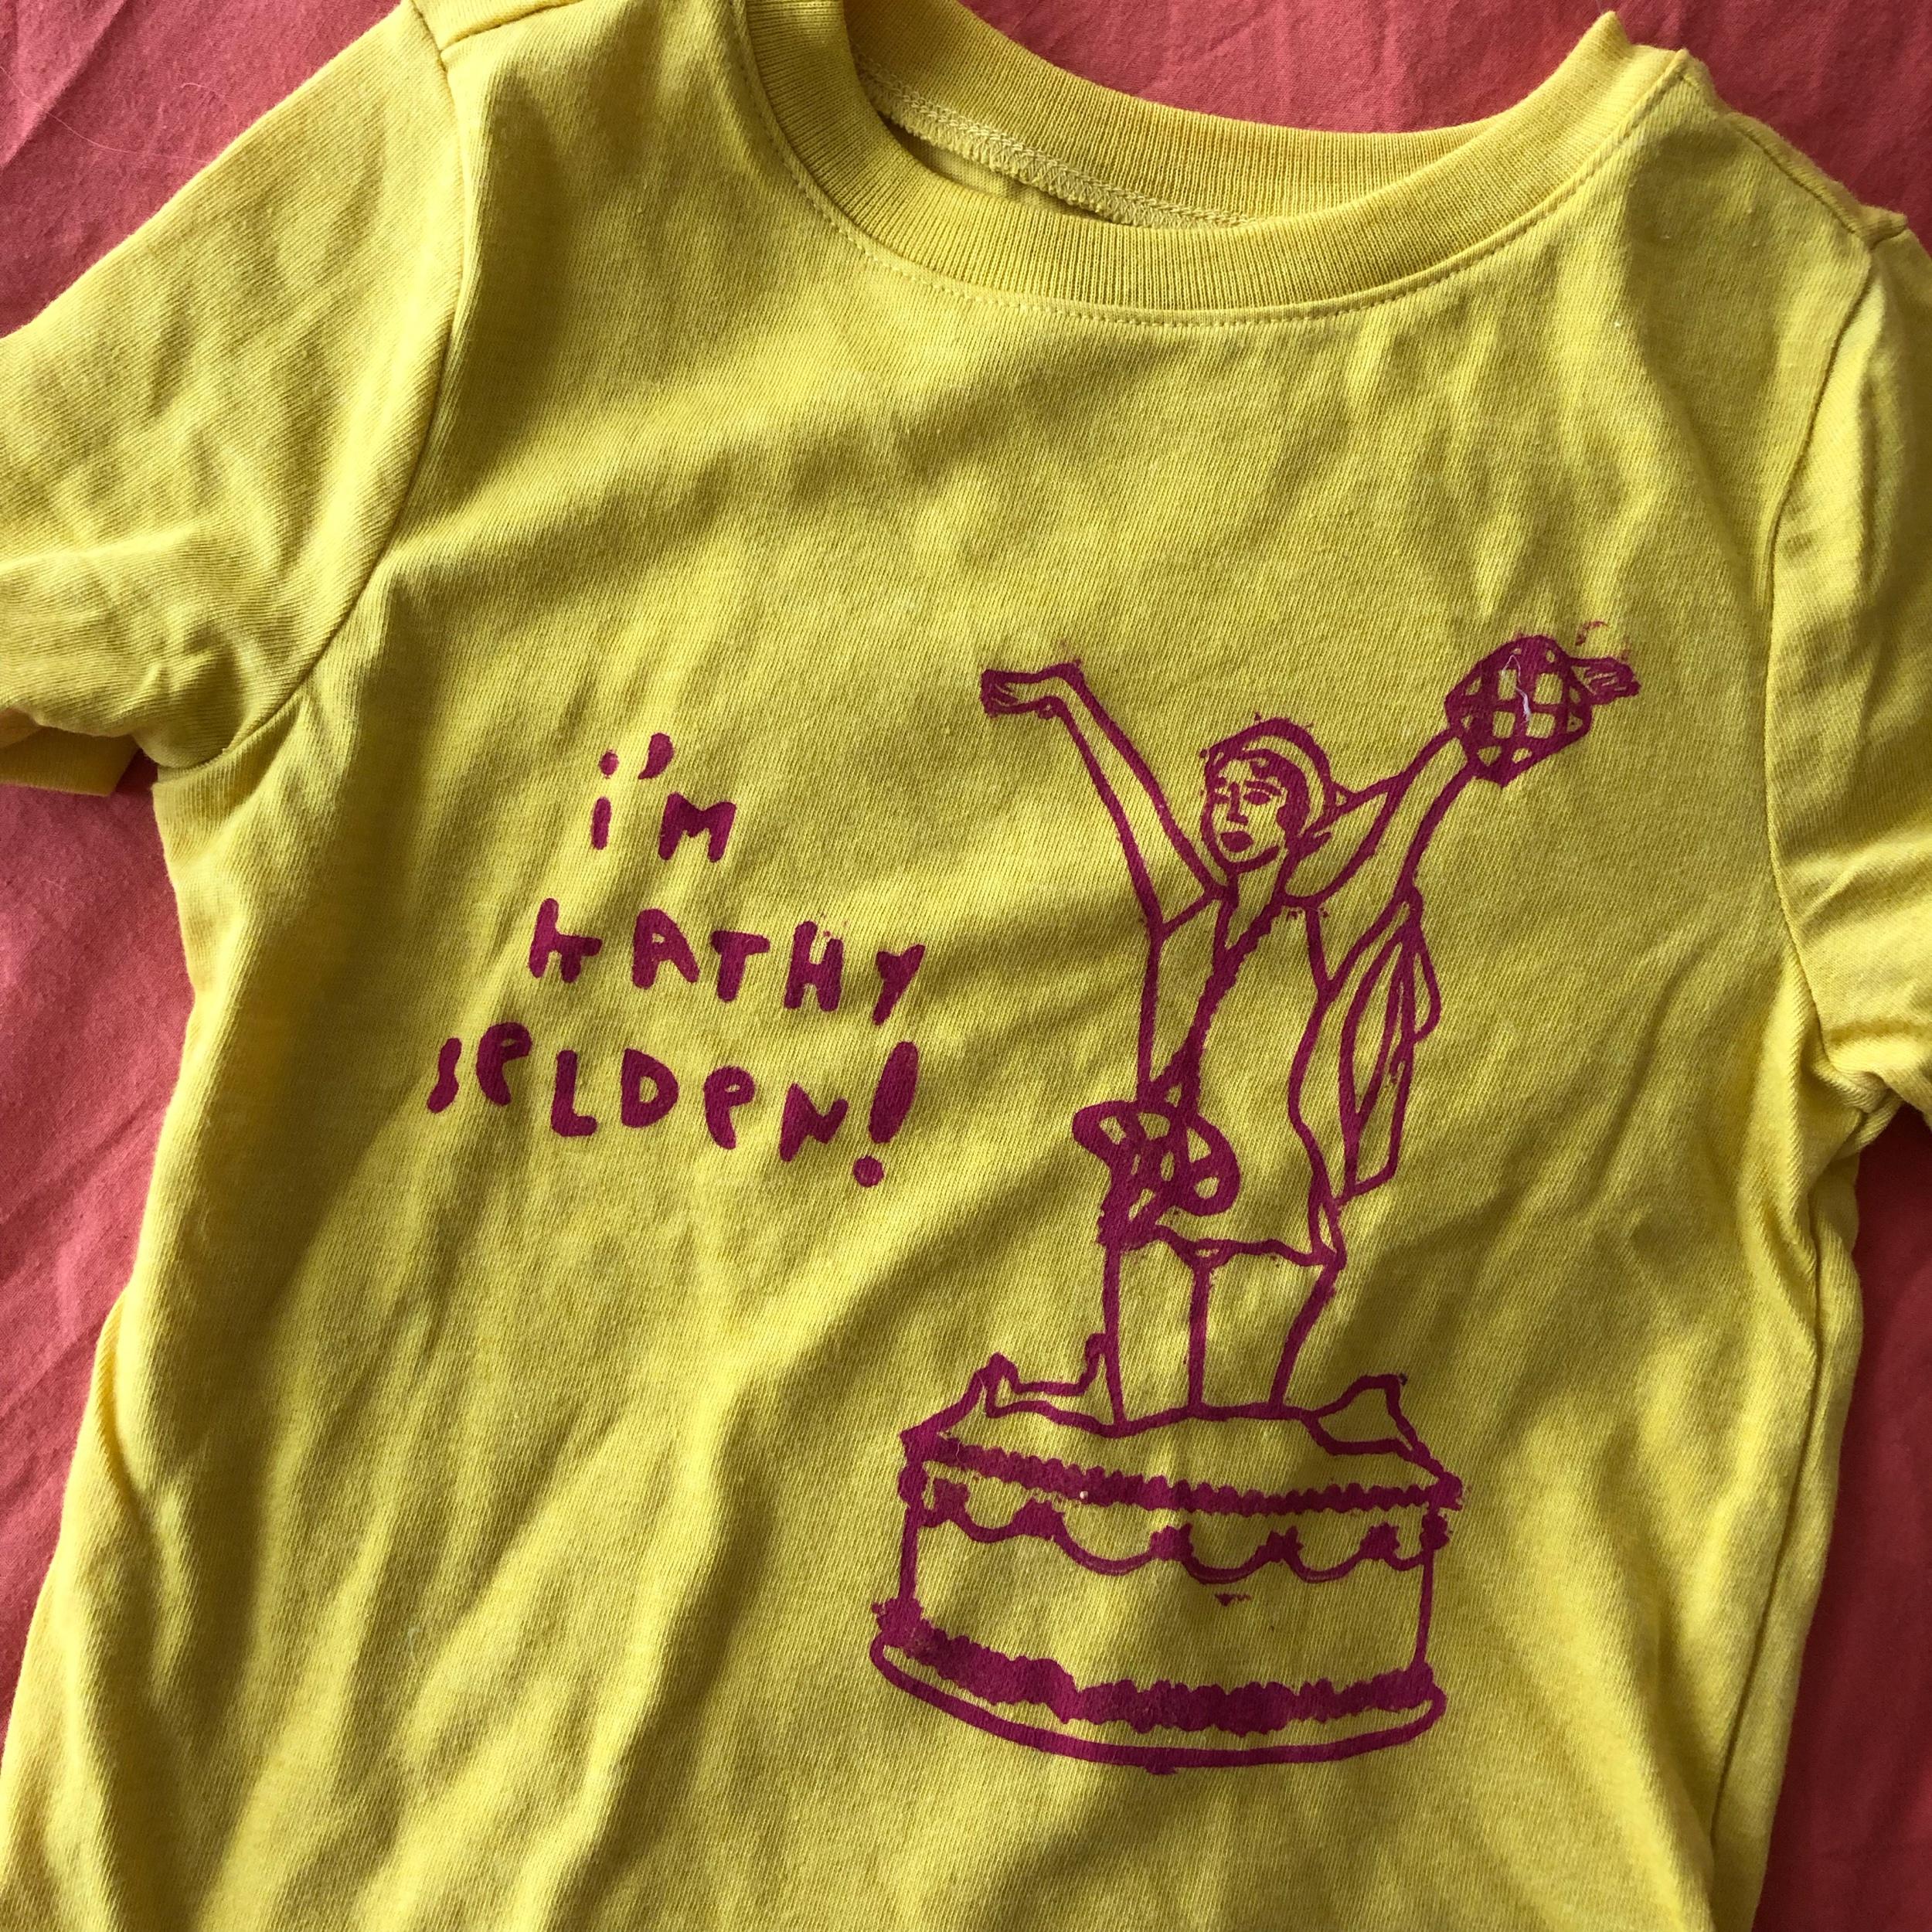 kushins_kathy_selden_stamp_shirt.jpeg